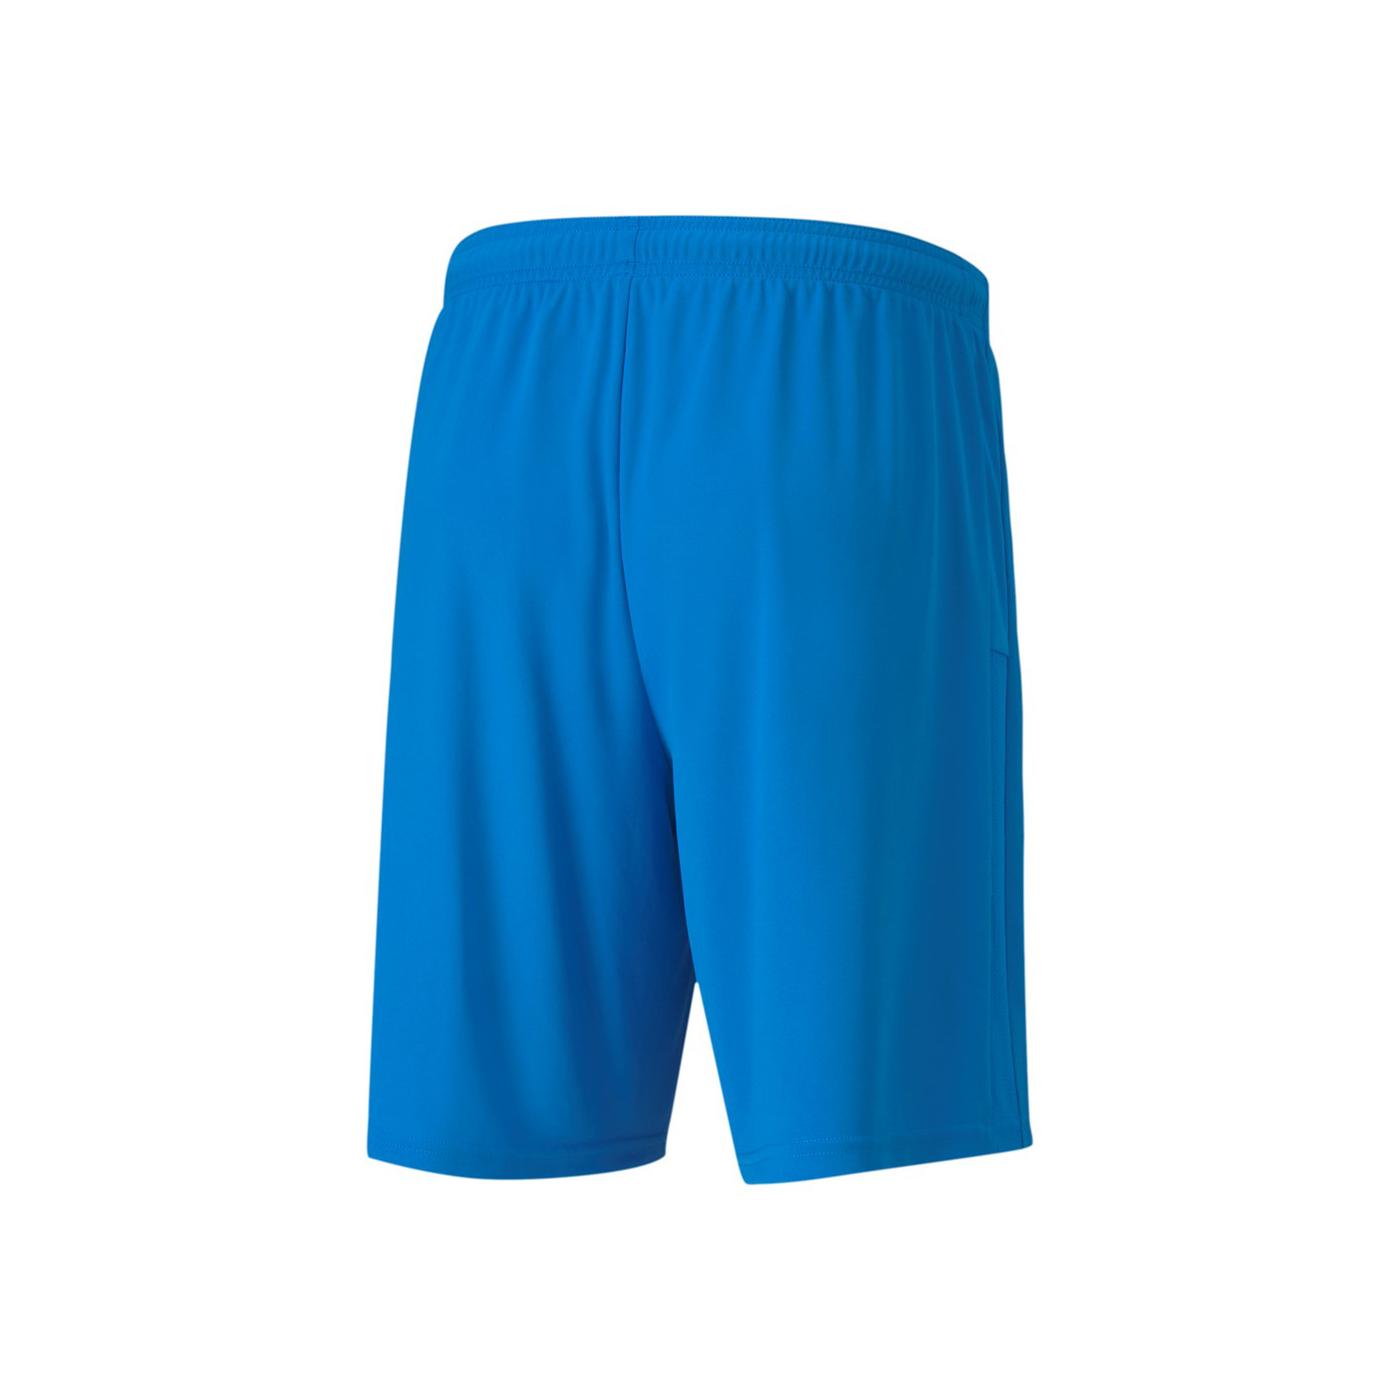 Puma teamGOAL 23 Knit Shorts Herren günstig kaufen